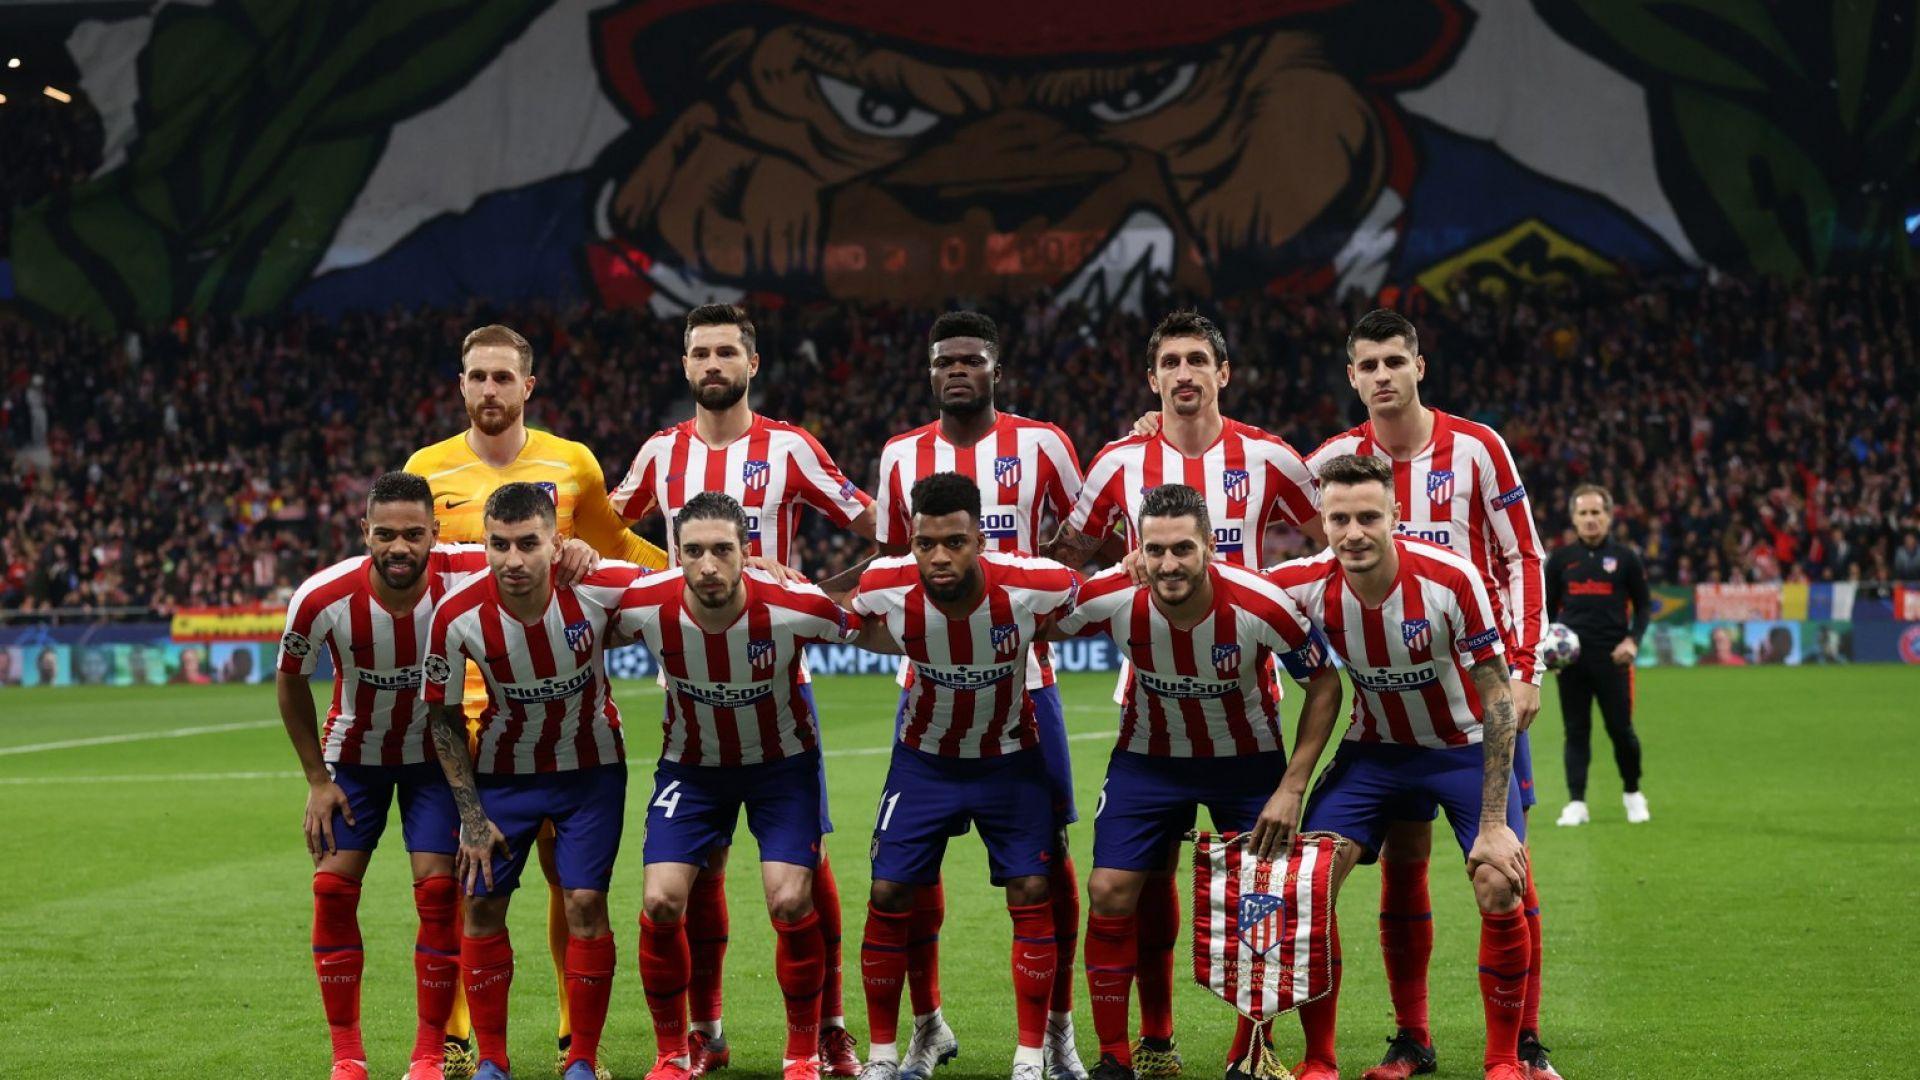 Отложиха мача на Атлетко заради снега в Мадрид